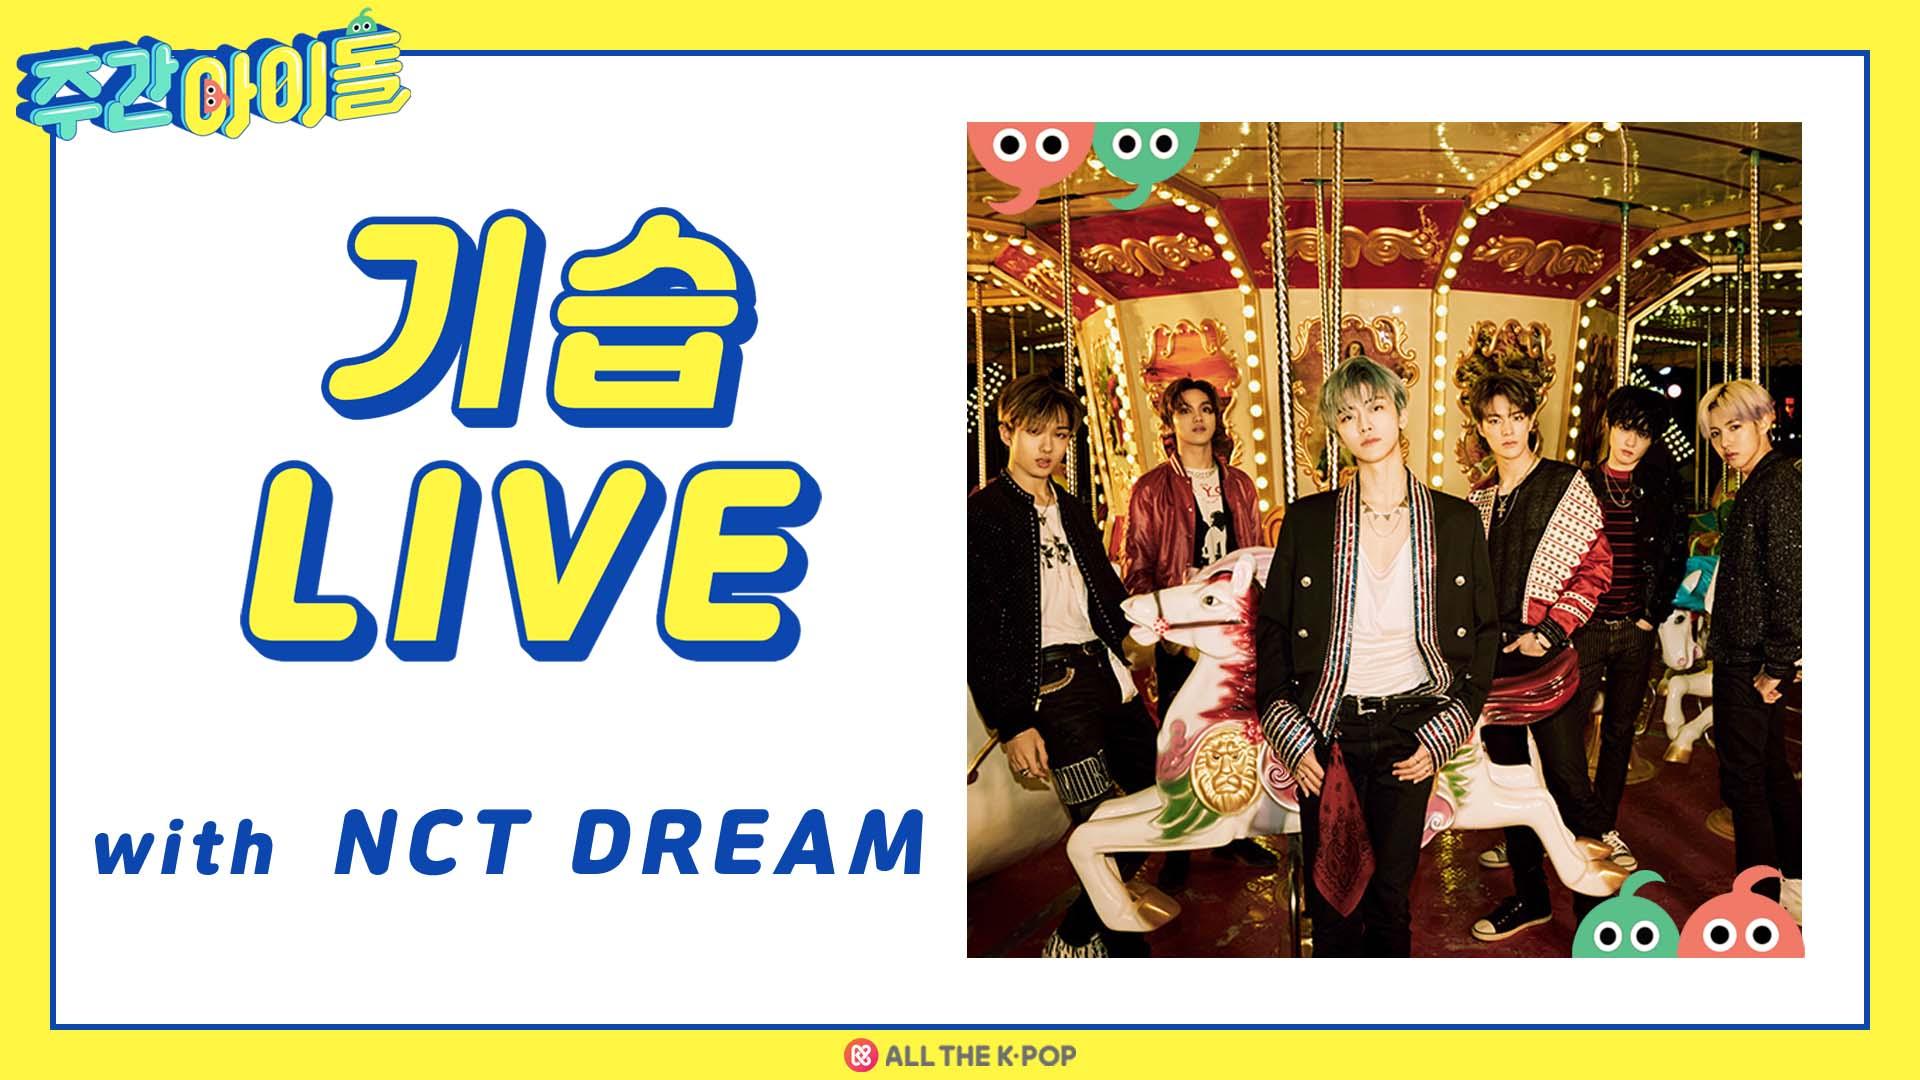 [주간아이돌] 기습 라이브 with NCT DREAM